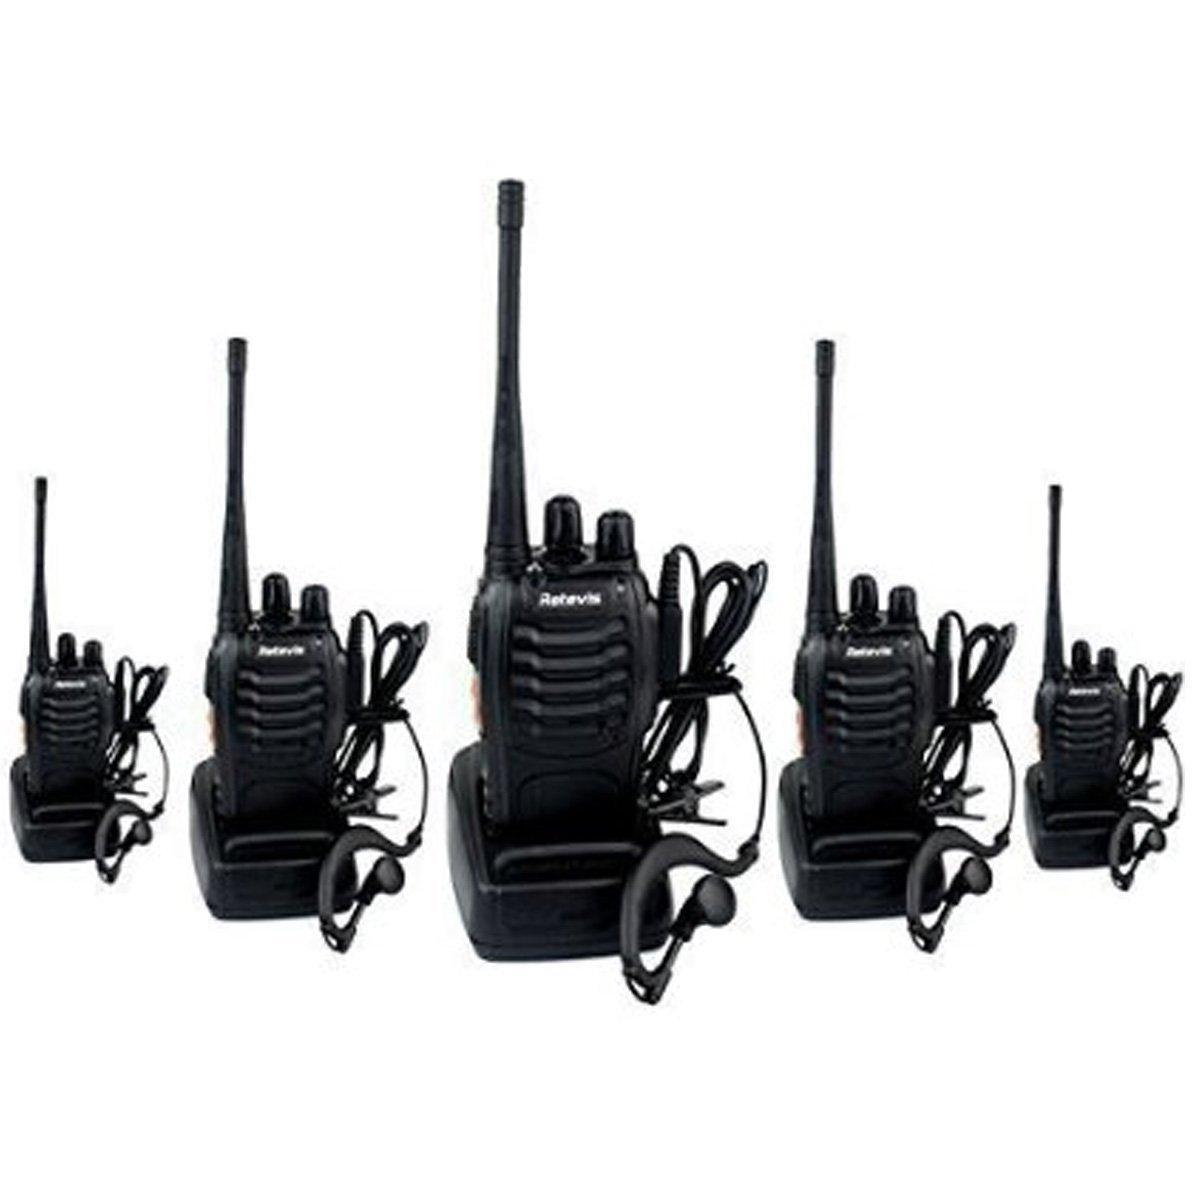 Lot de 5 talkie-walkies rechargeables Retevis H-777 (portée 5 km, noir)